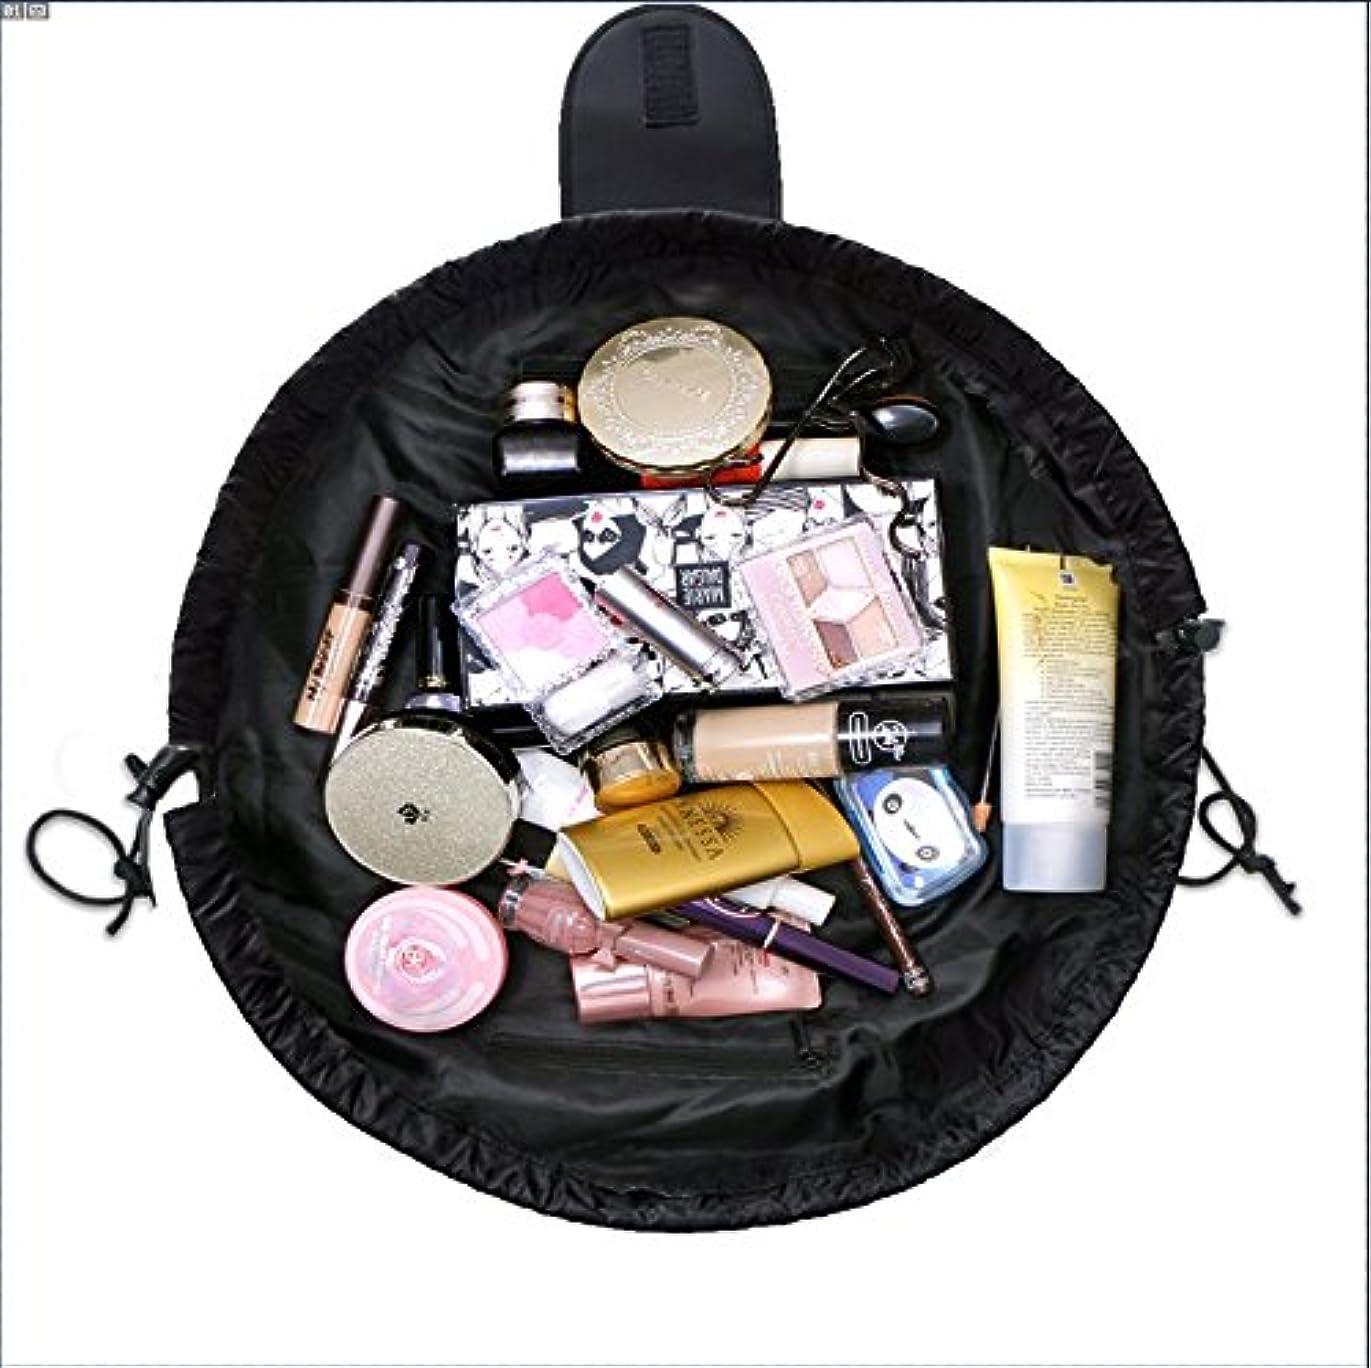 想像する配分圧縮旅行化粧バッグ ファッションお手軽カジュアル巾着旅行防水大容量の化粧バック (ブラック)